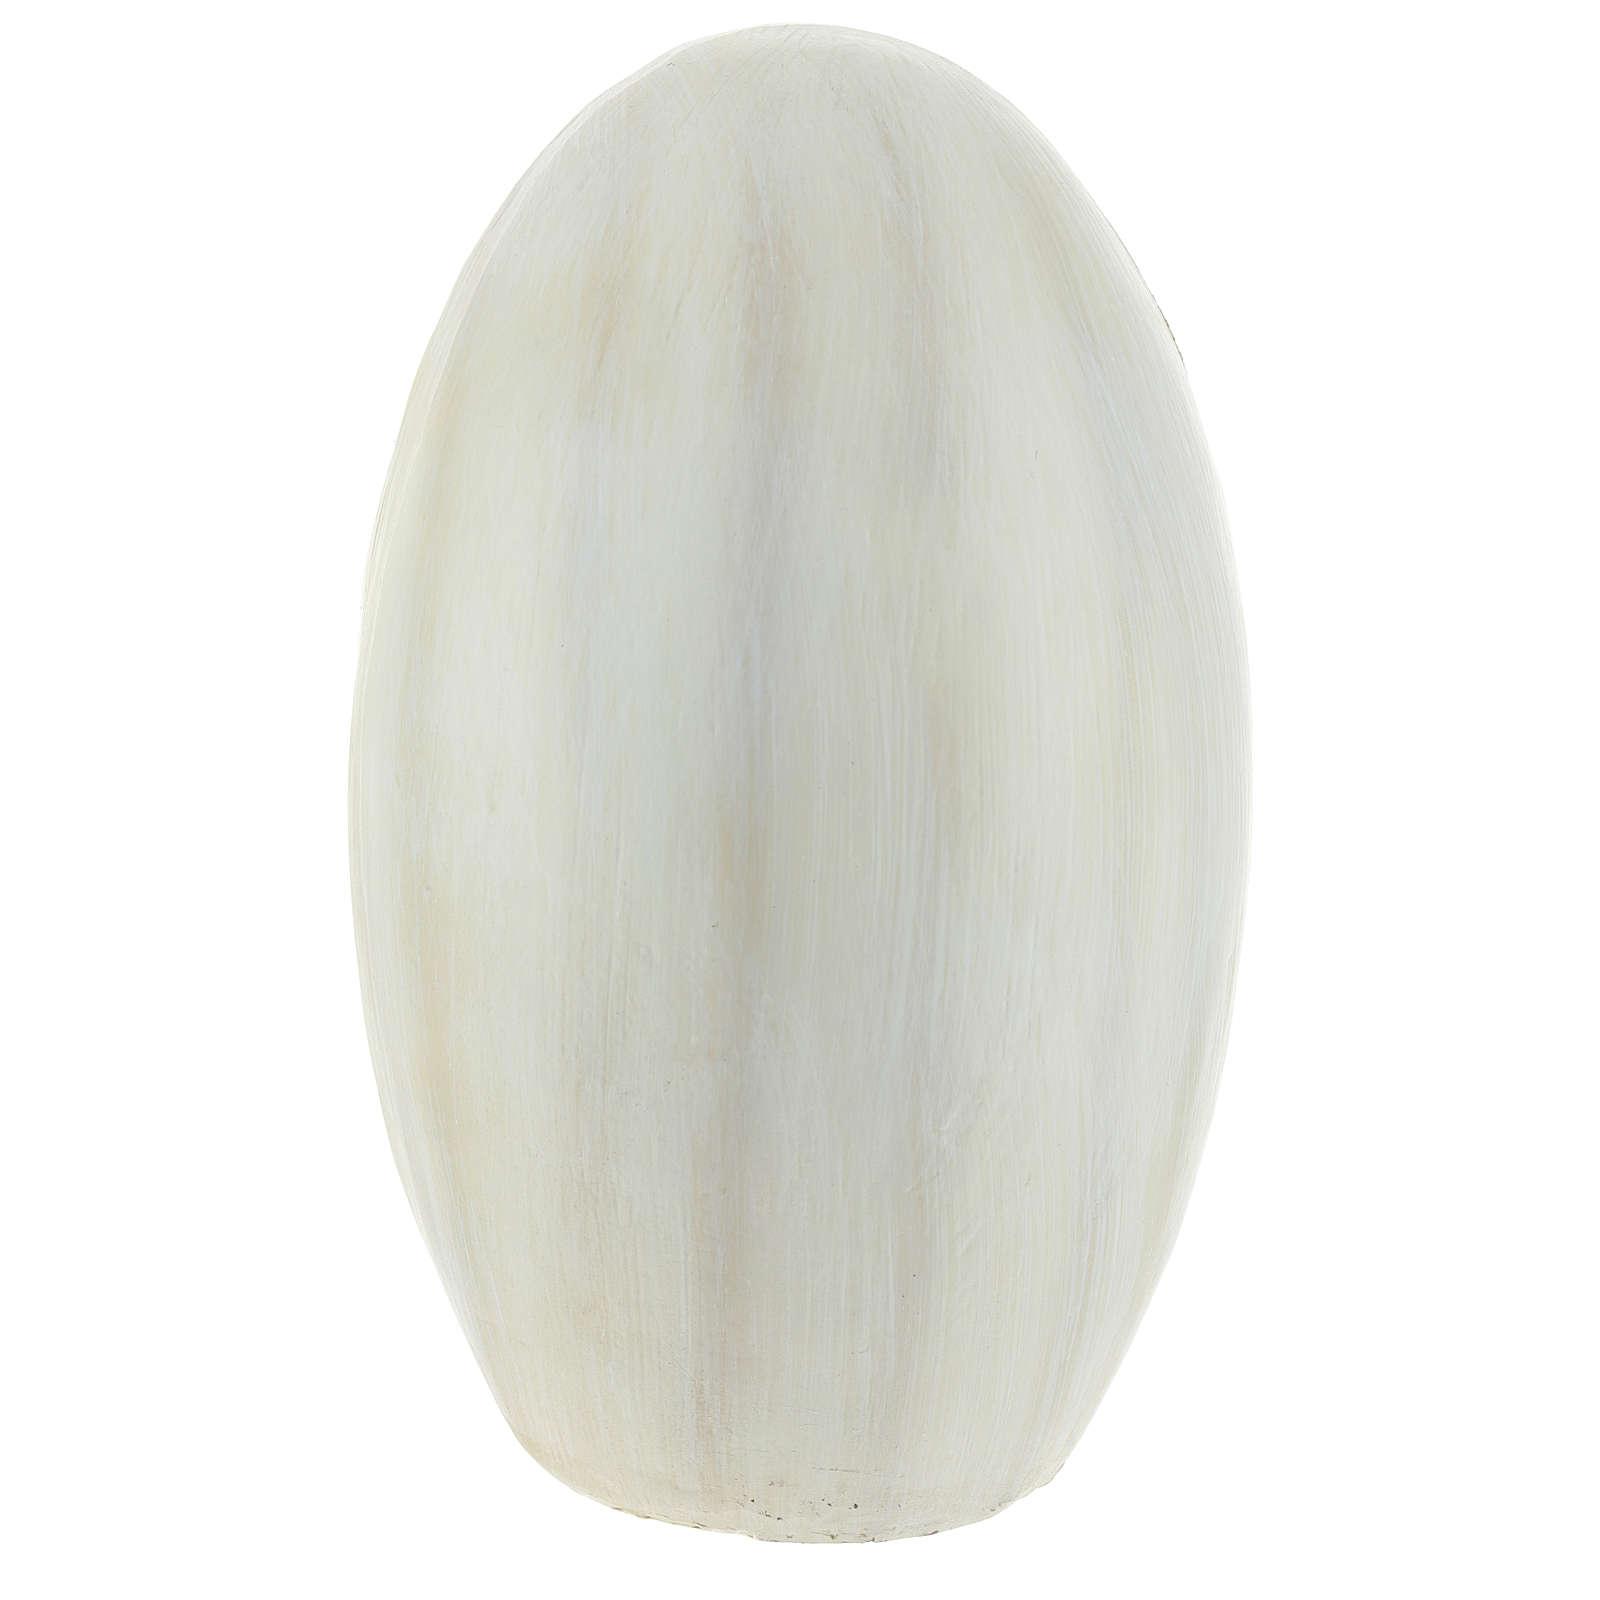 Natività con sfondo ovale 23 cm resina 3